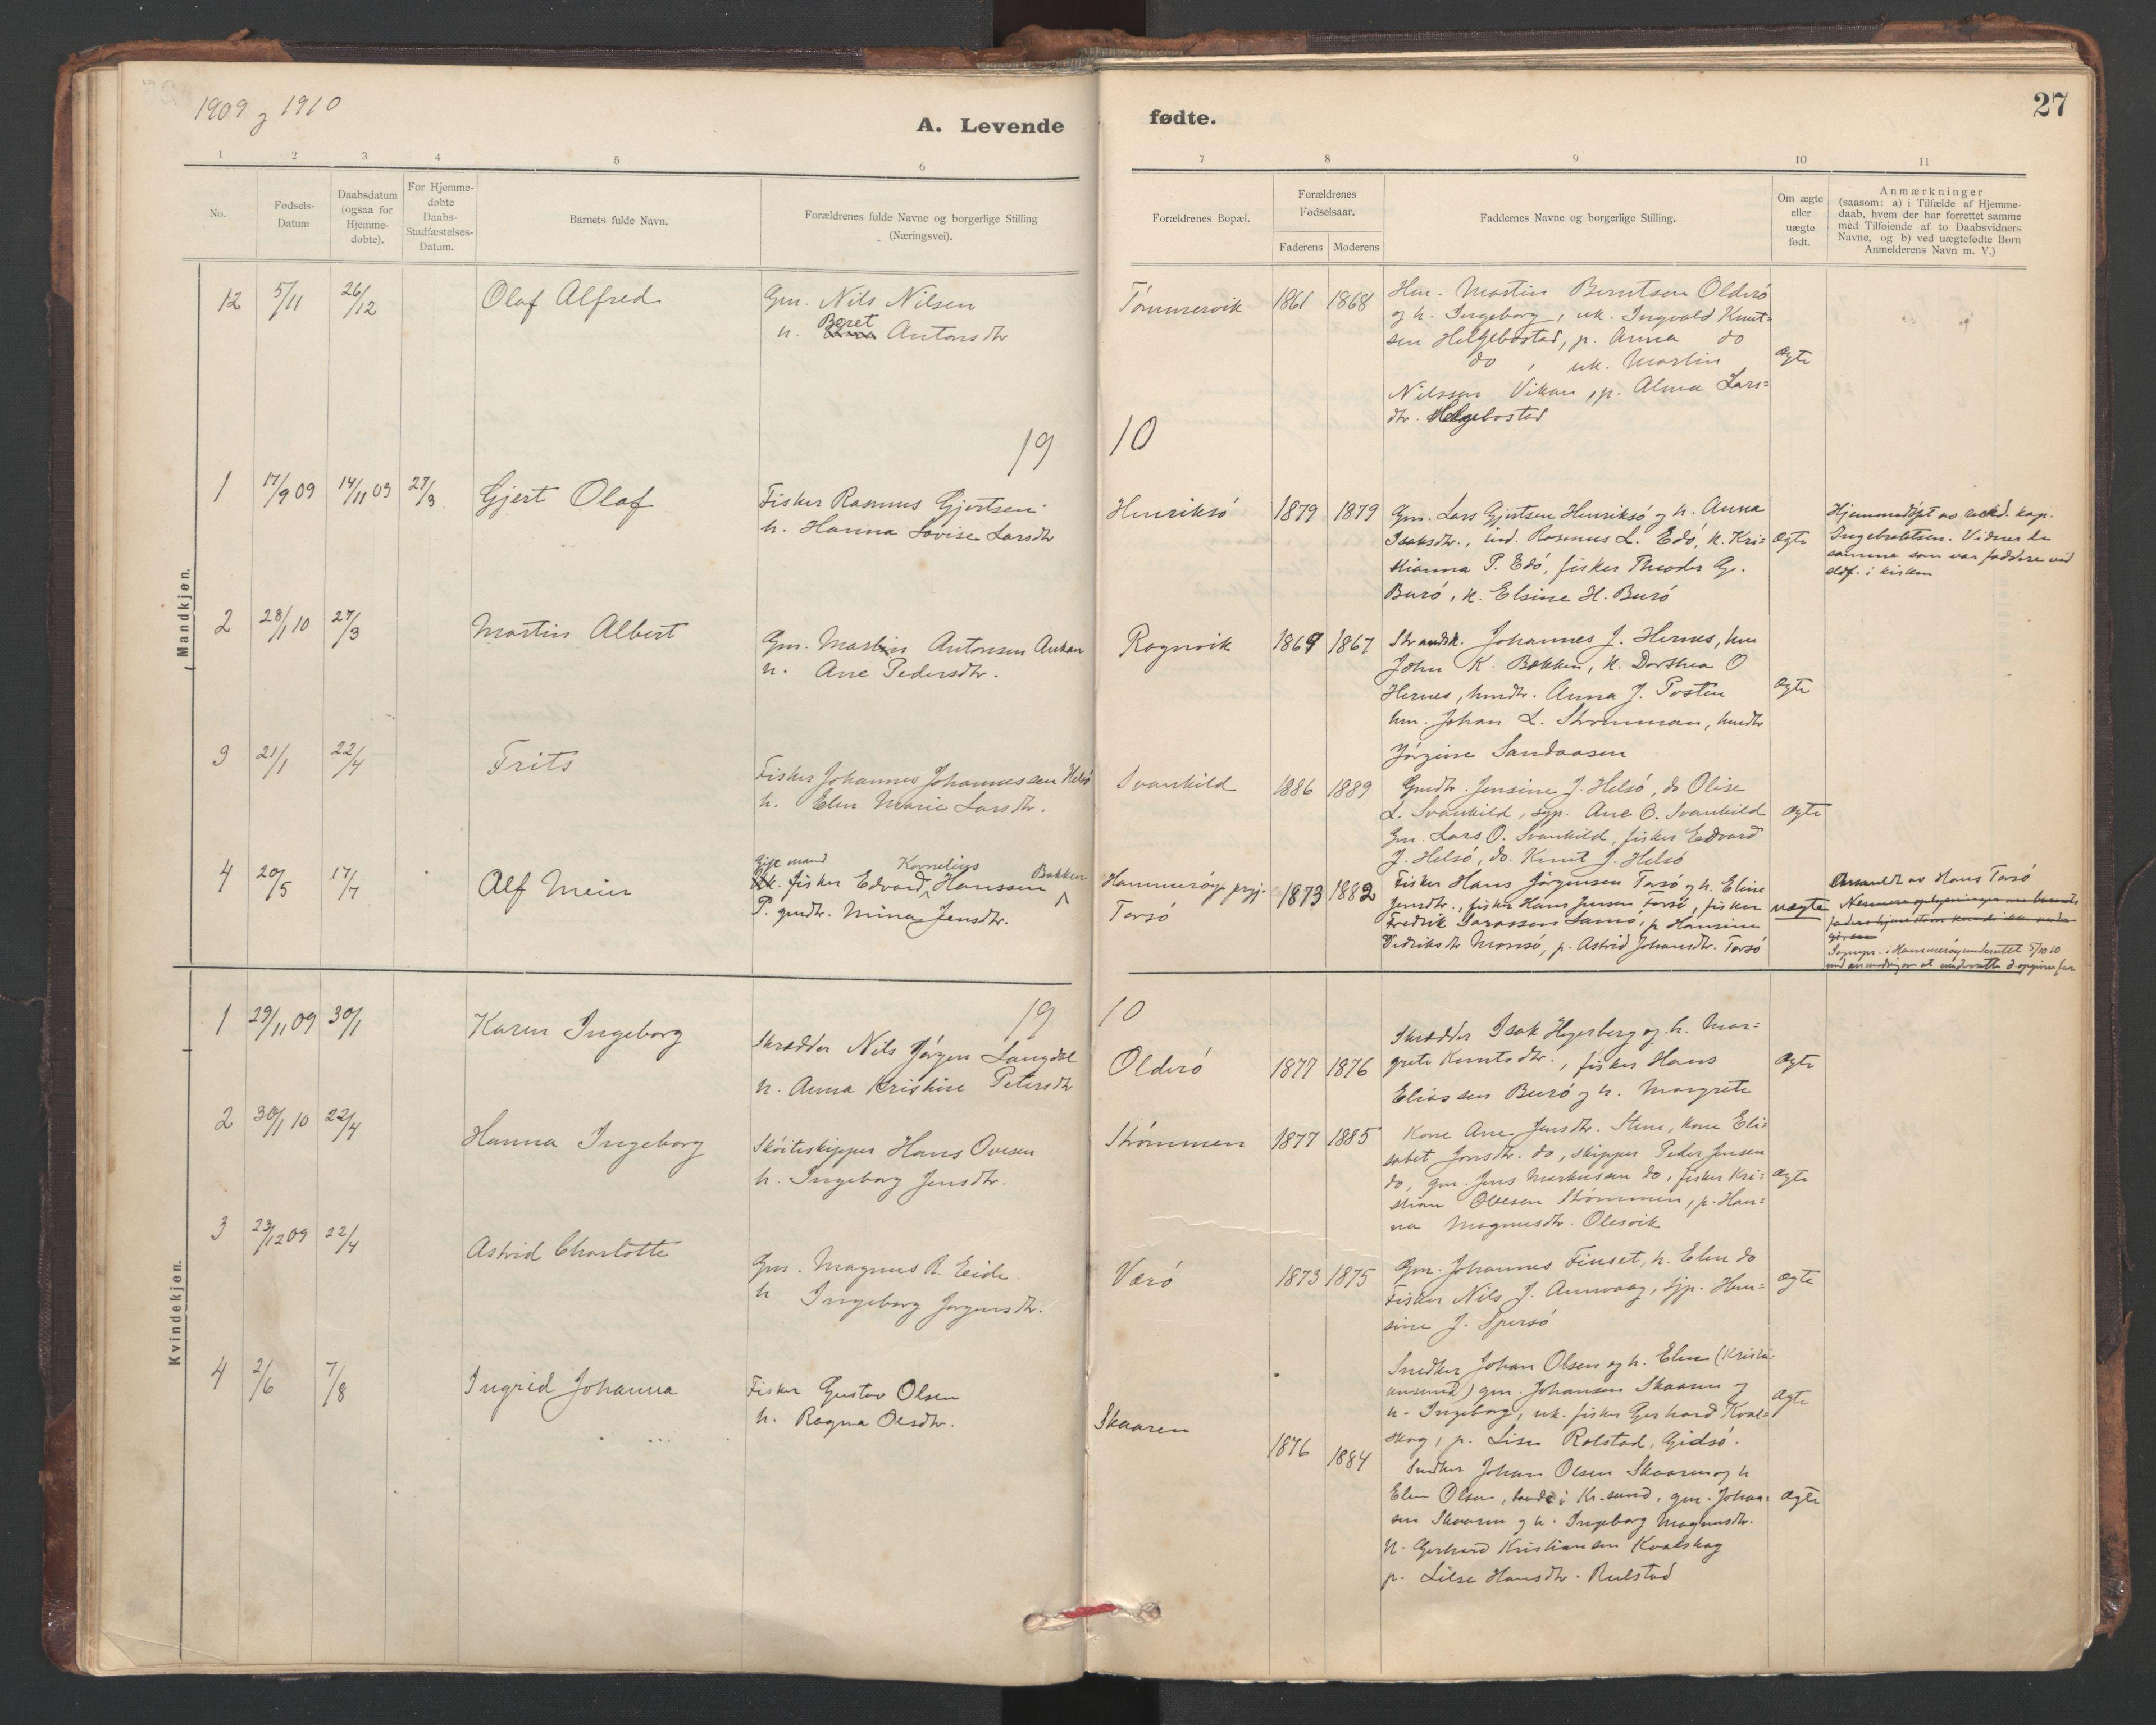 SAT, Ministerialprotokoller, klokkerbøker og fødselsregistre - Sør-Trøndelag, 635/L0552: Ministerialbok nr. 635A02, 1899-1919, s. 27